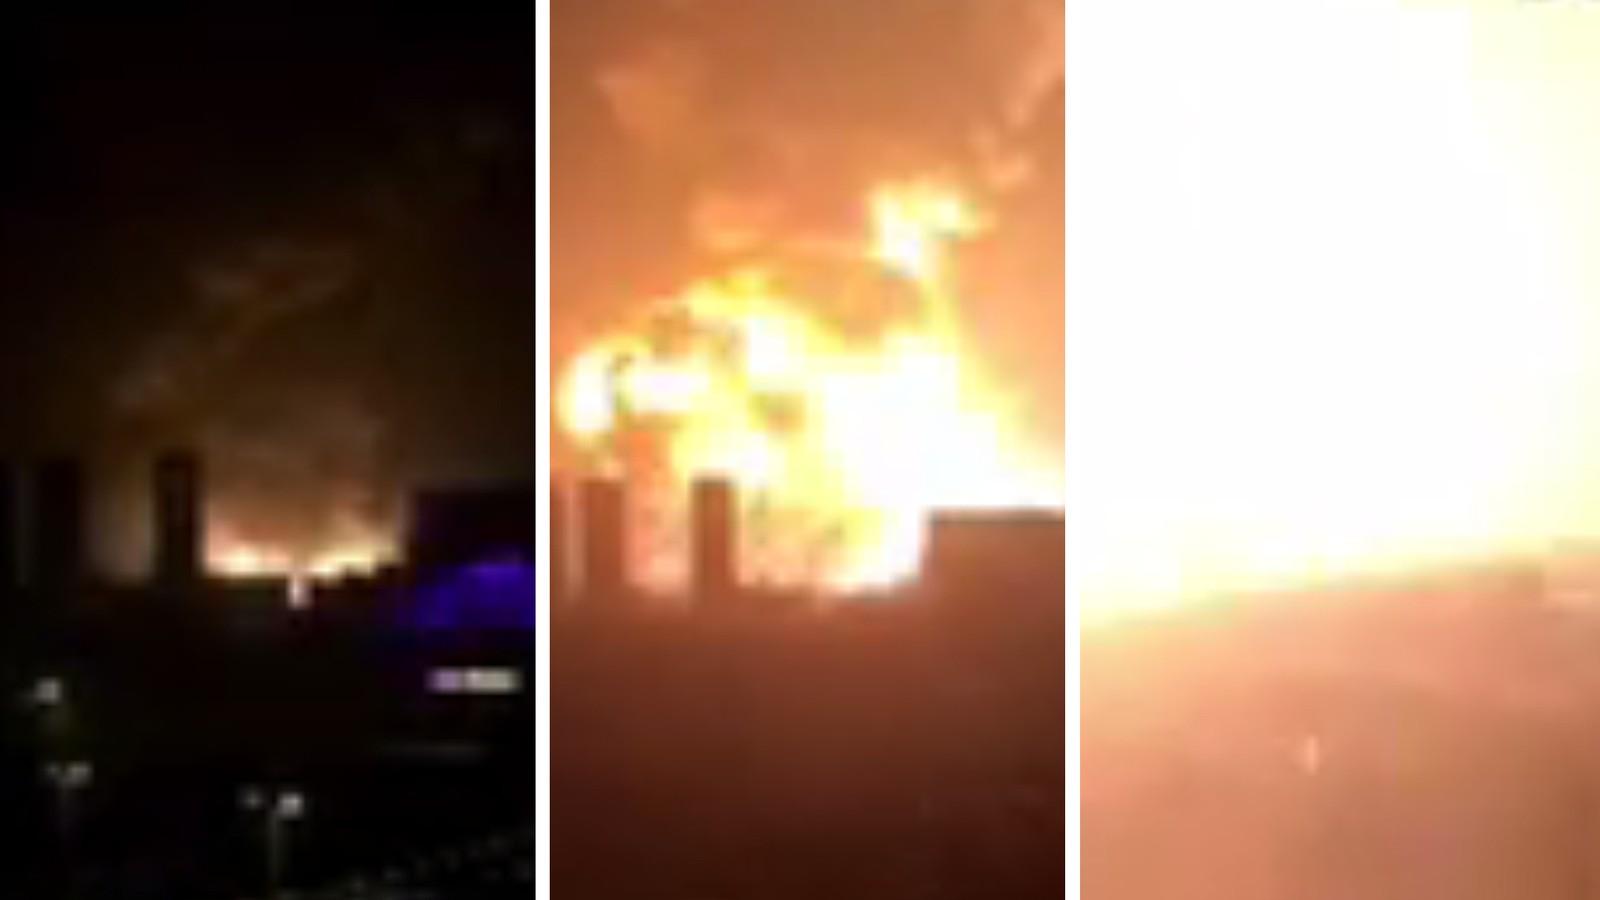 VOLDSOMT: En enorm eksplosjon rystet et område utenfor den kinesiske byen Tianjin onsdag.